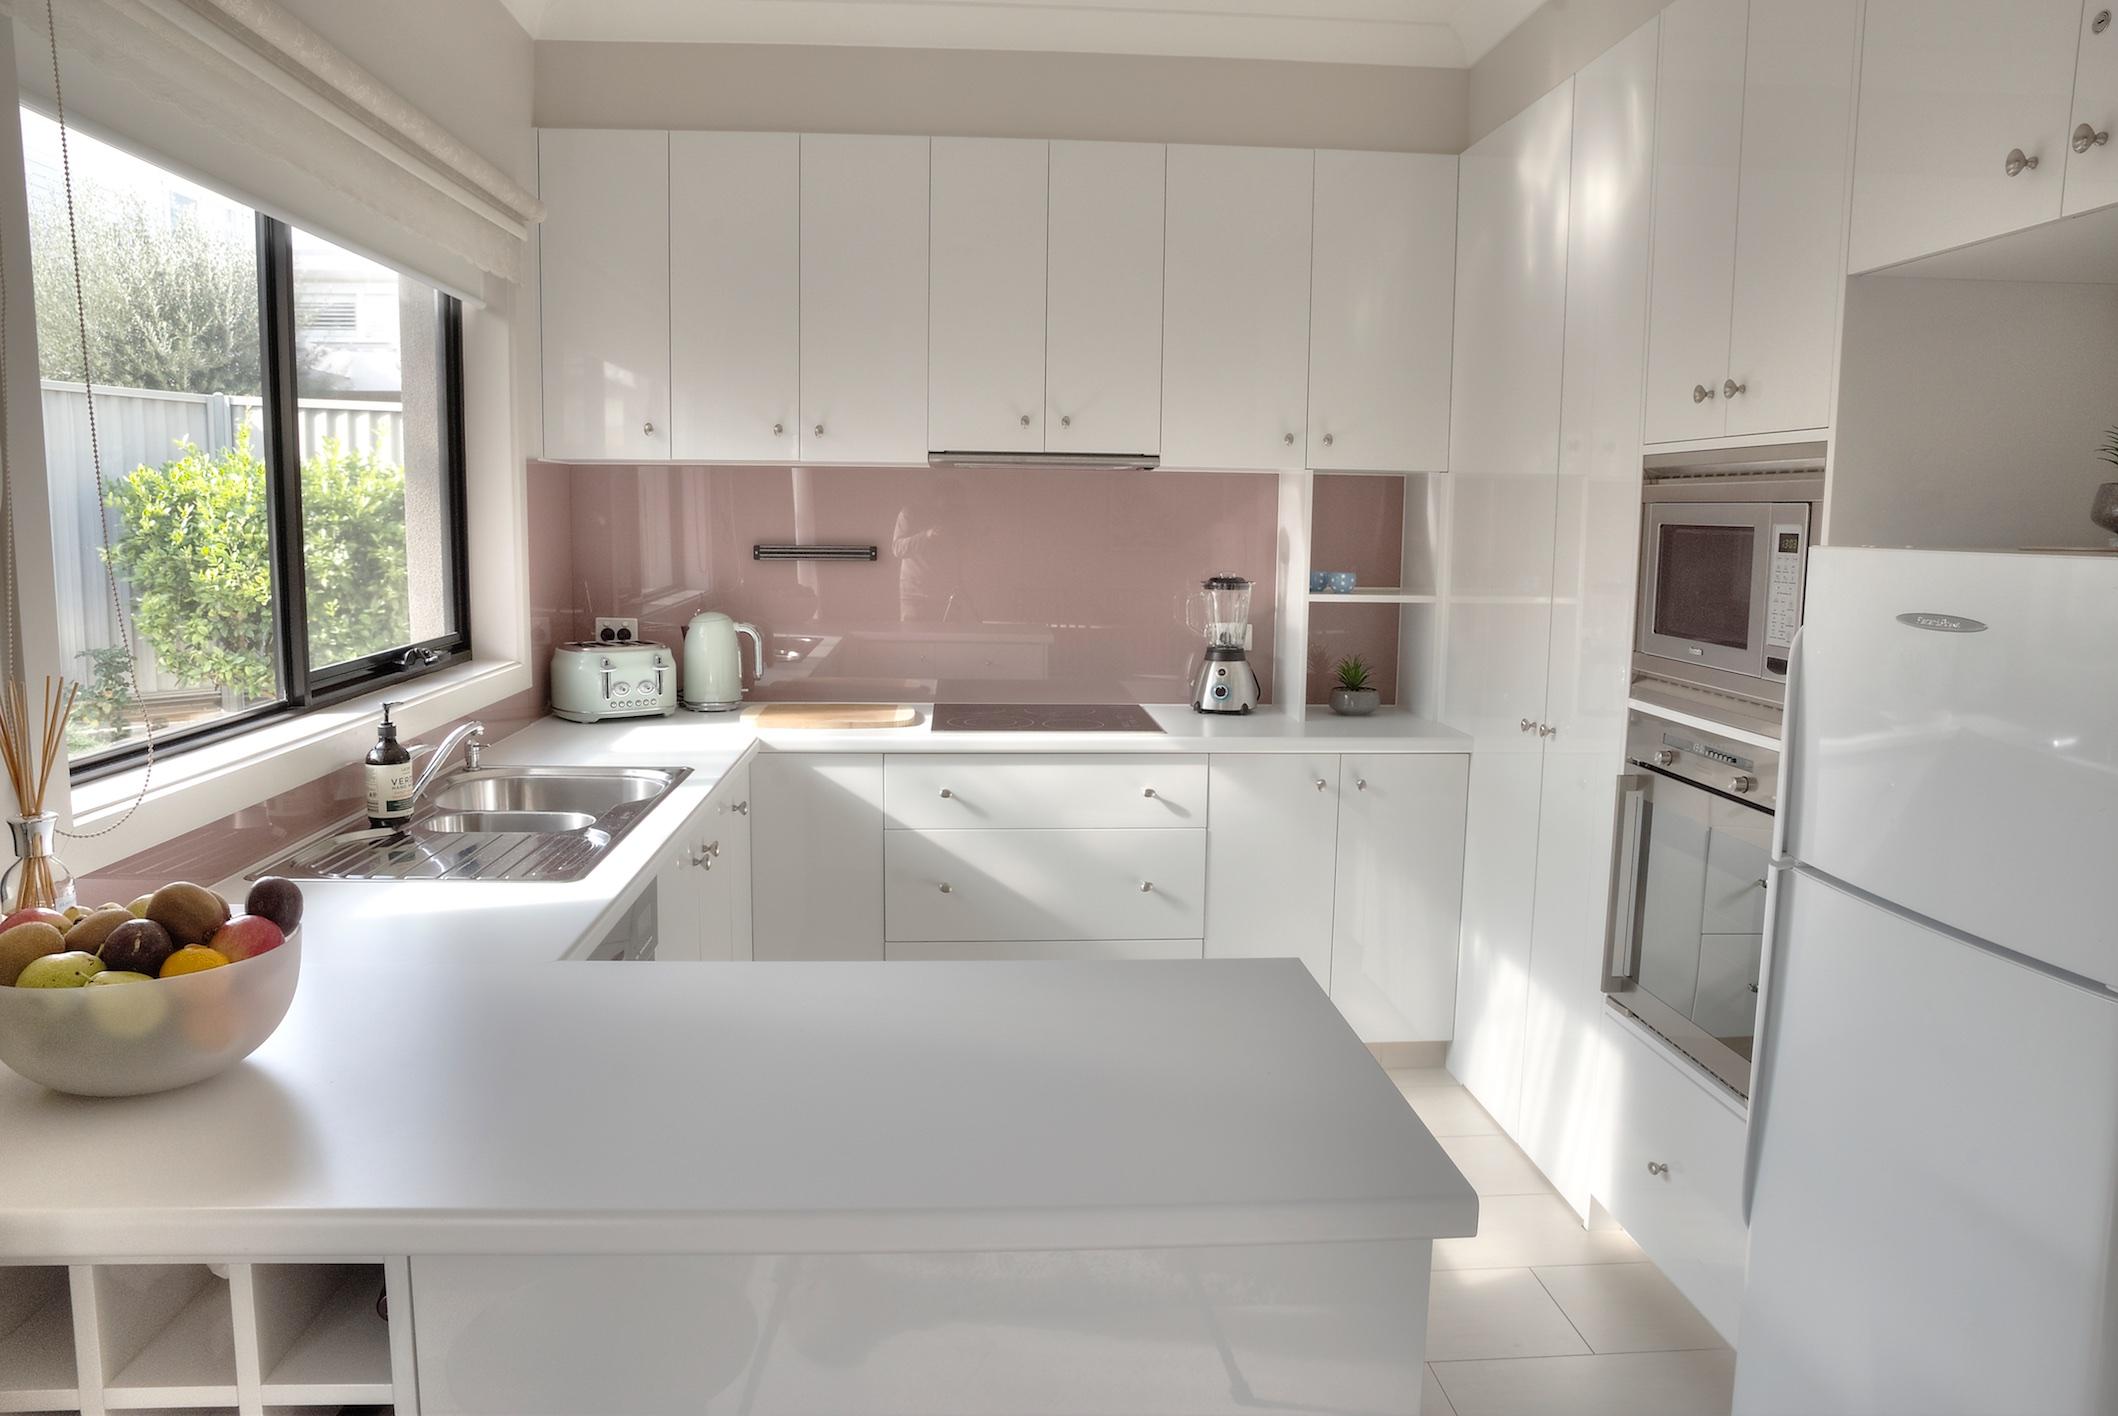 Brownbill_2-Kitchen.jpg